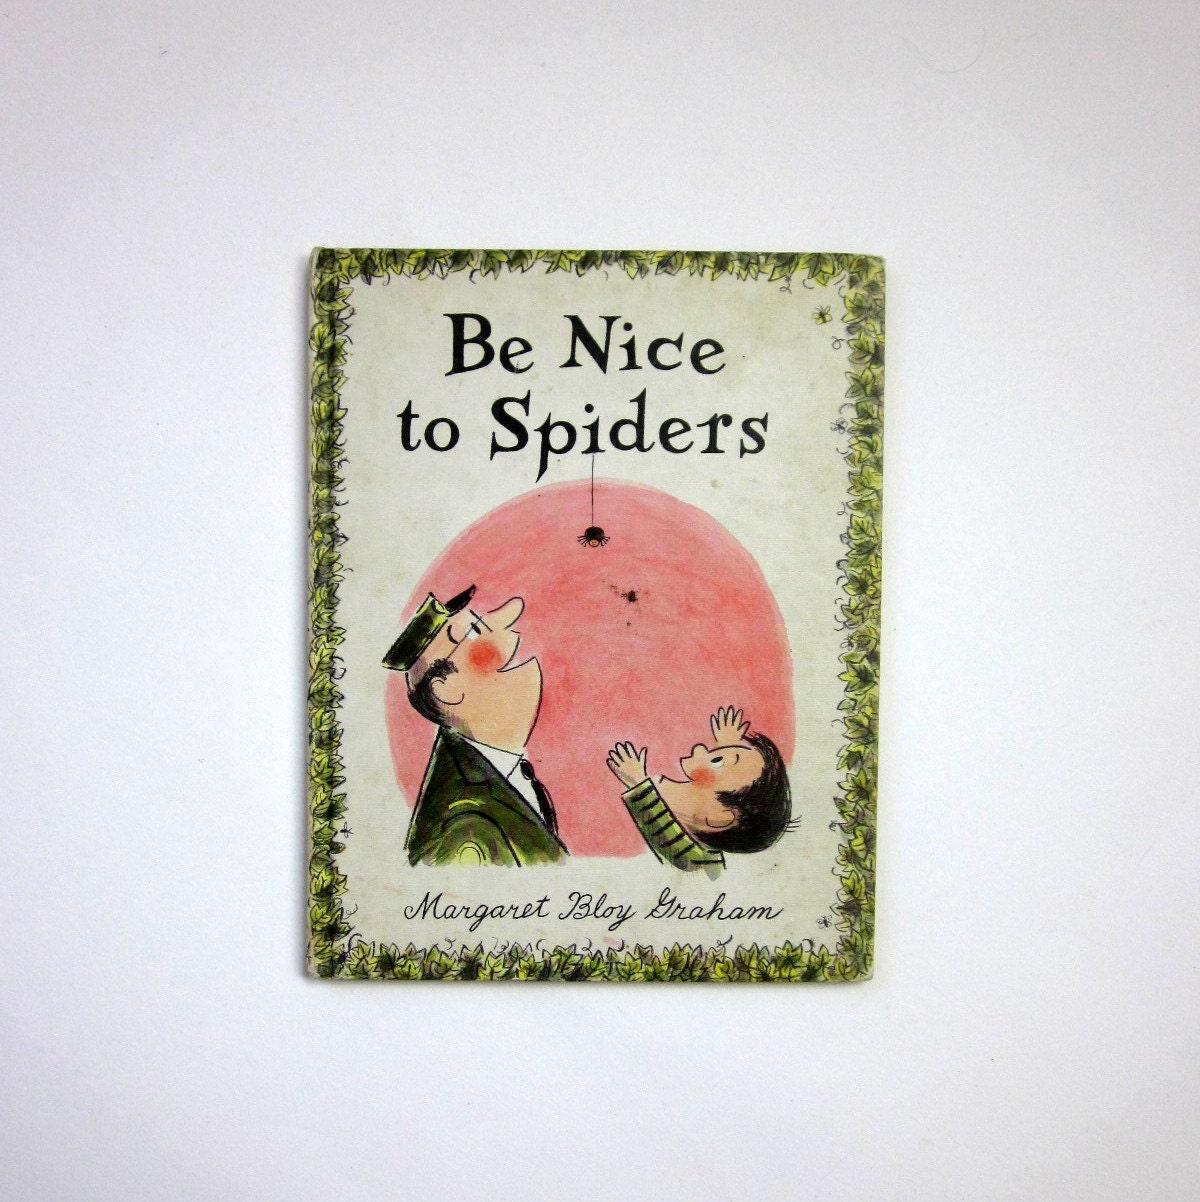 Be Nice To Spiders by Margaret Bloy Graham 1967 - OopseeDaisies